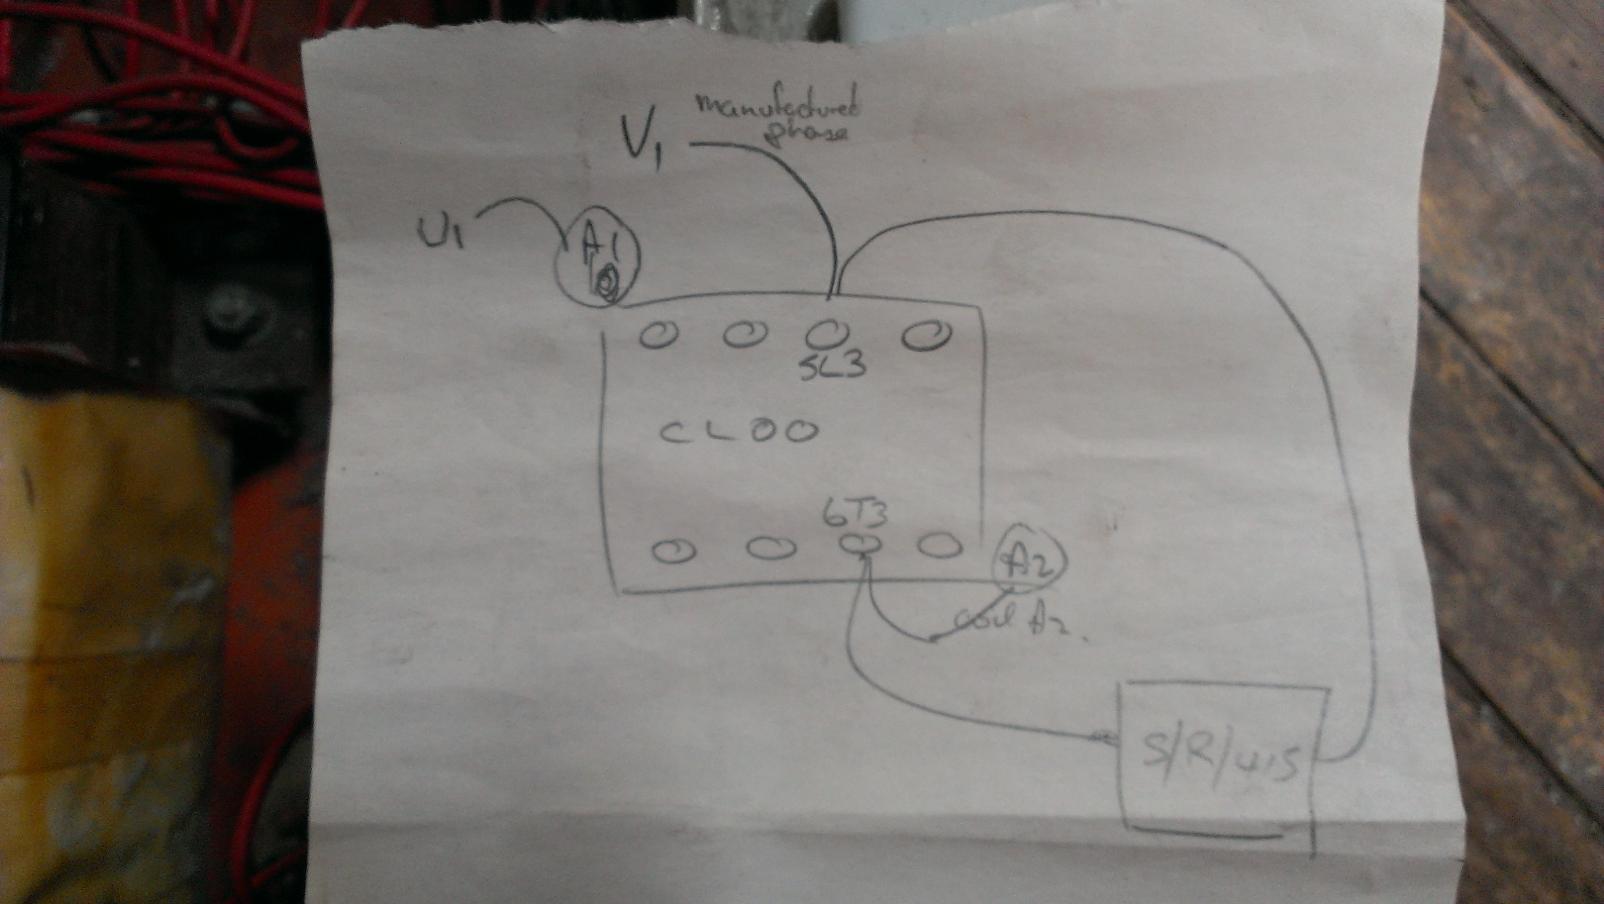 rpc-sketch-att_1420272505815_imag0401.jpg